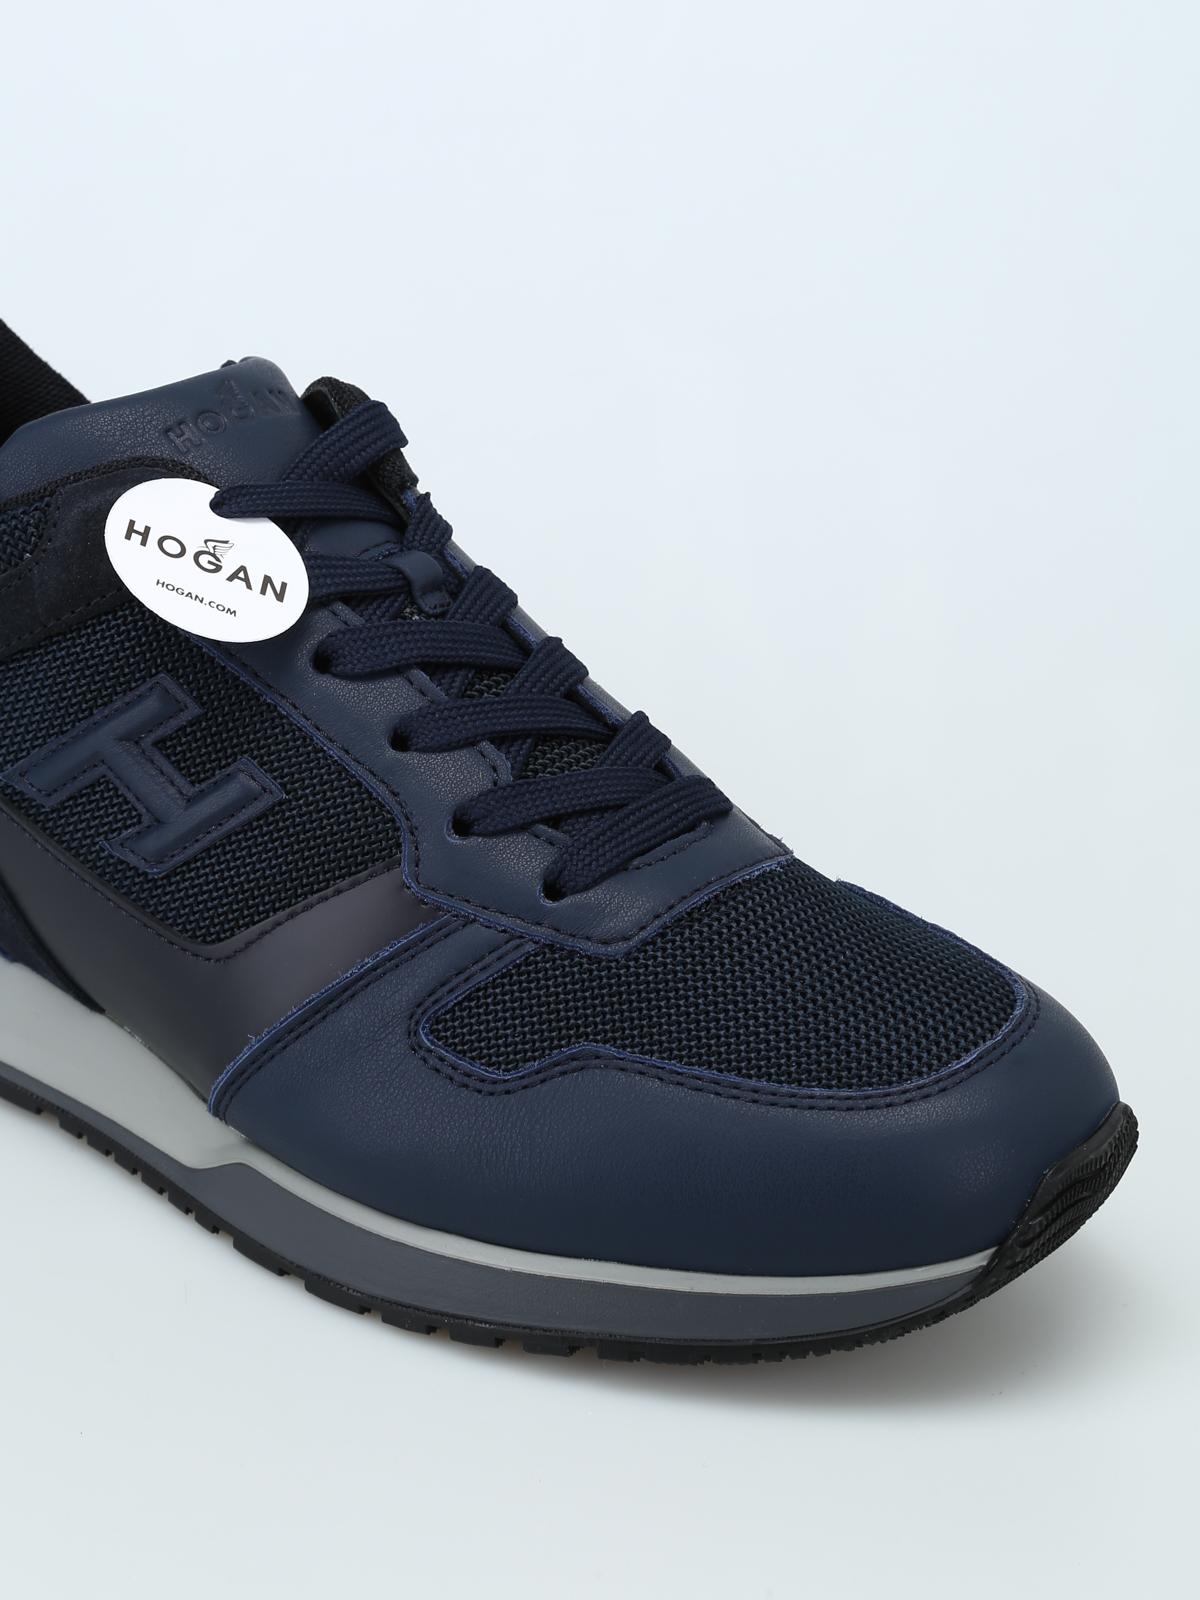 check-out 9e82b 1c331 Hogan - Sneaker blu H321 con H 3D - sneakers ...